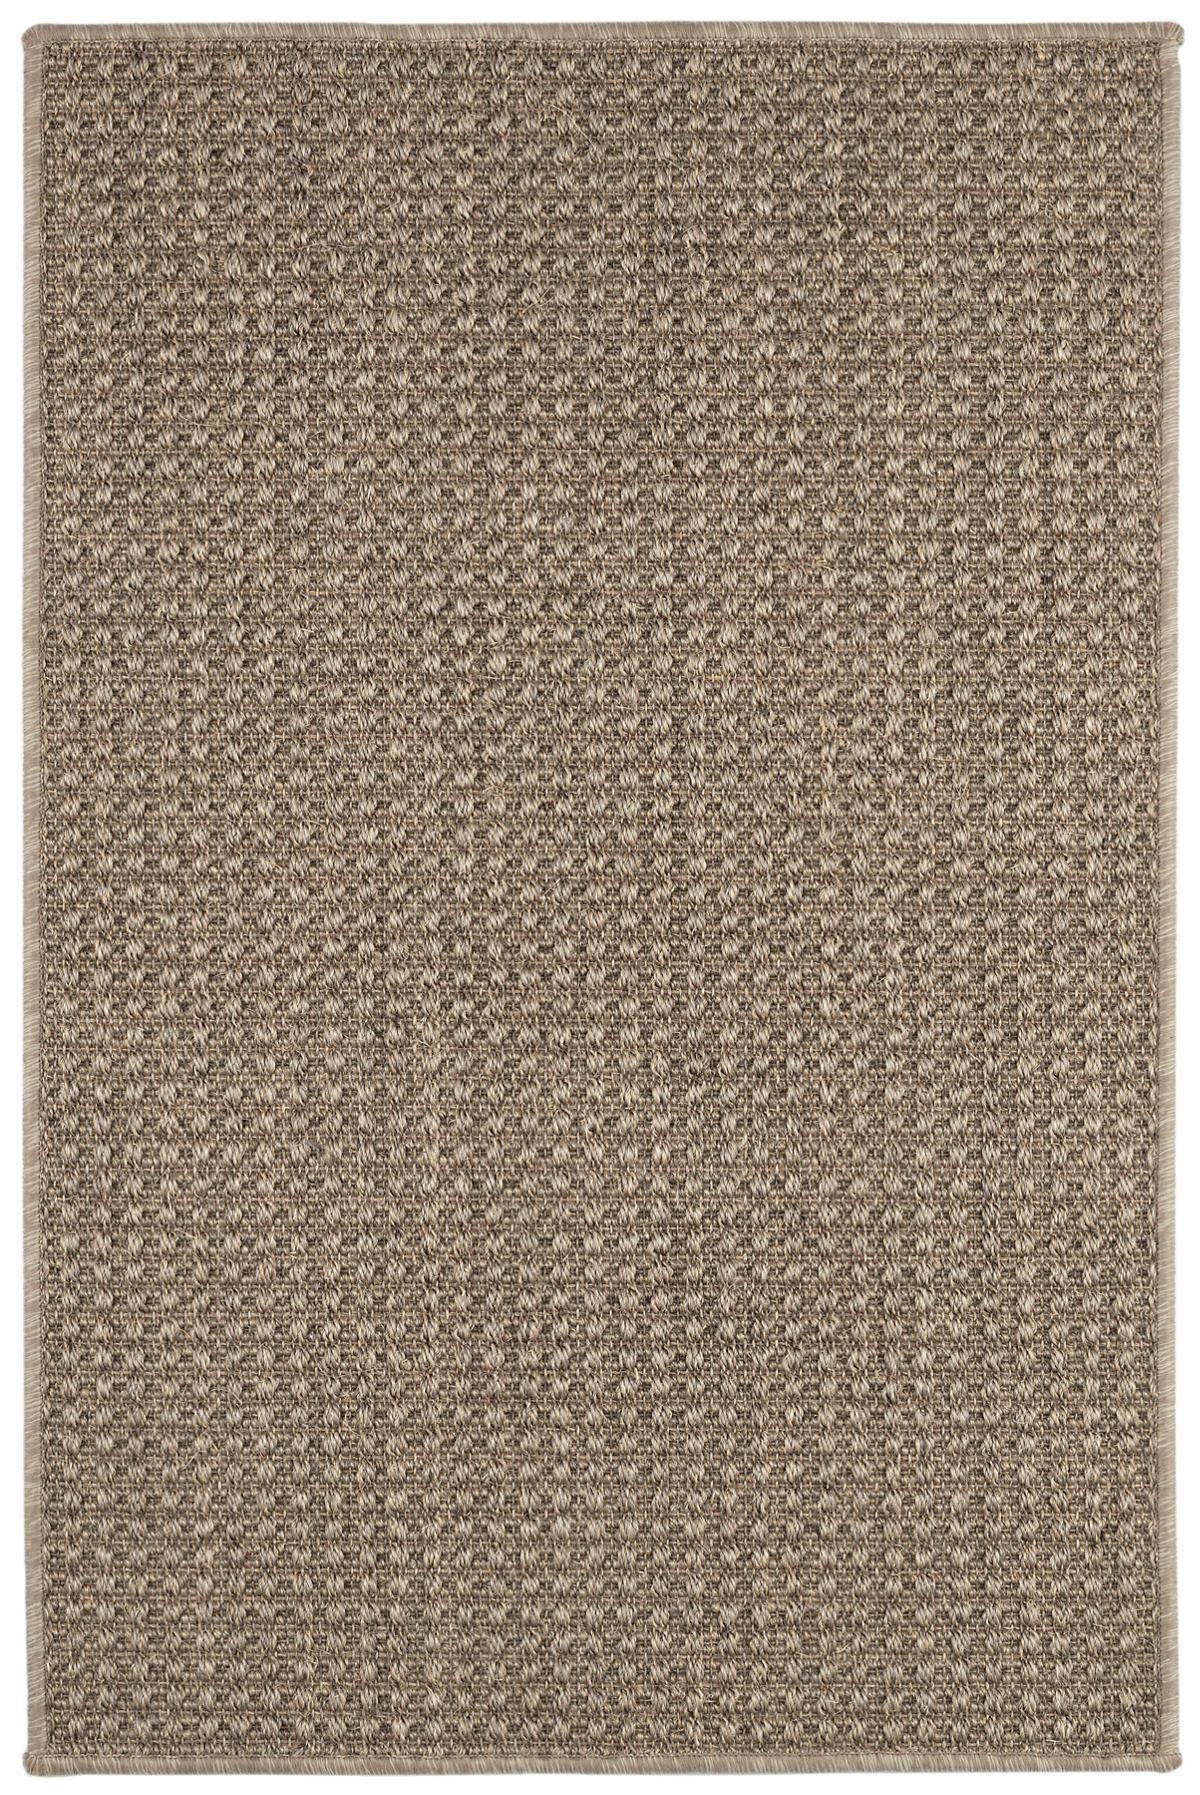 Ashburn Taupe Woven Sisal Custom Rug With Pad